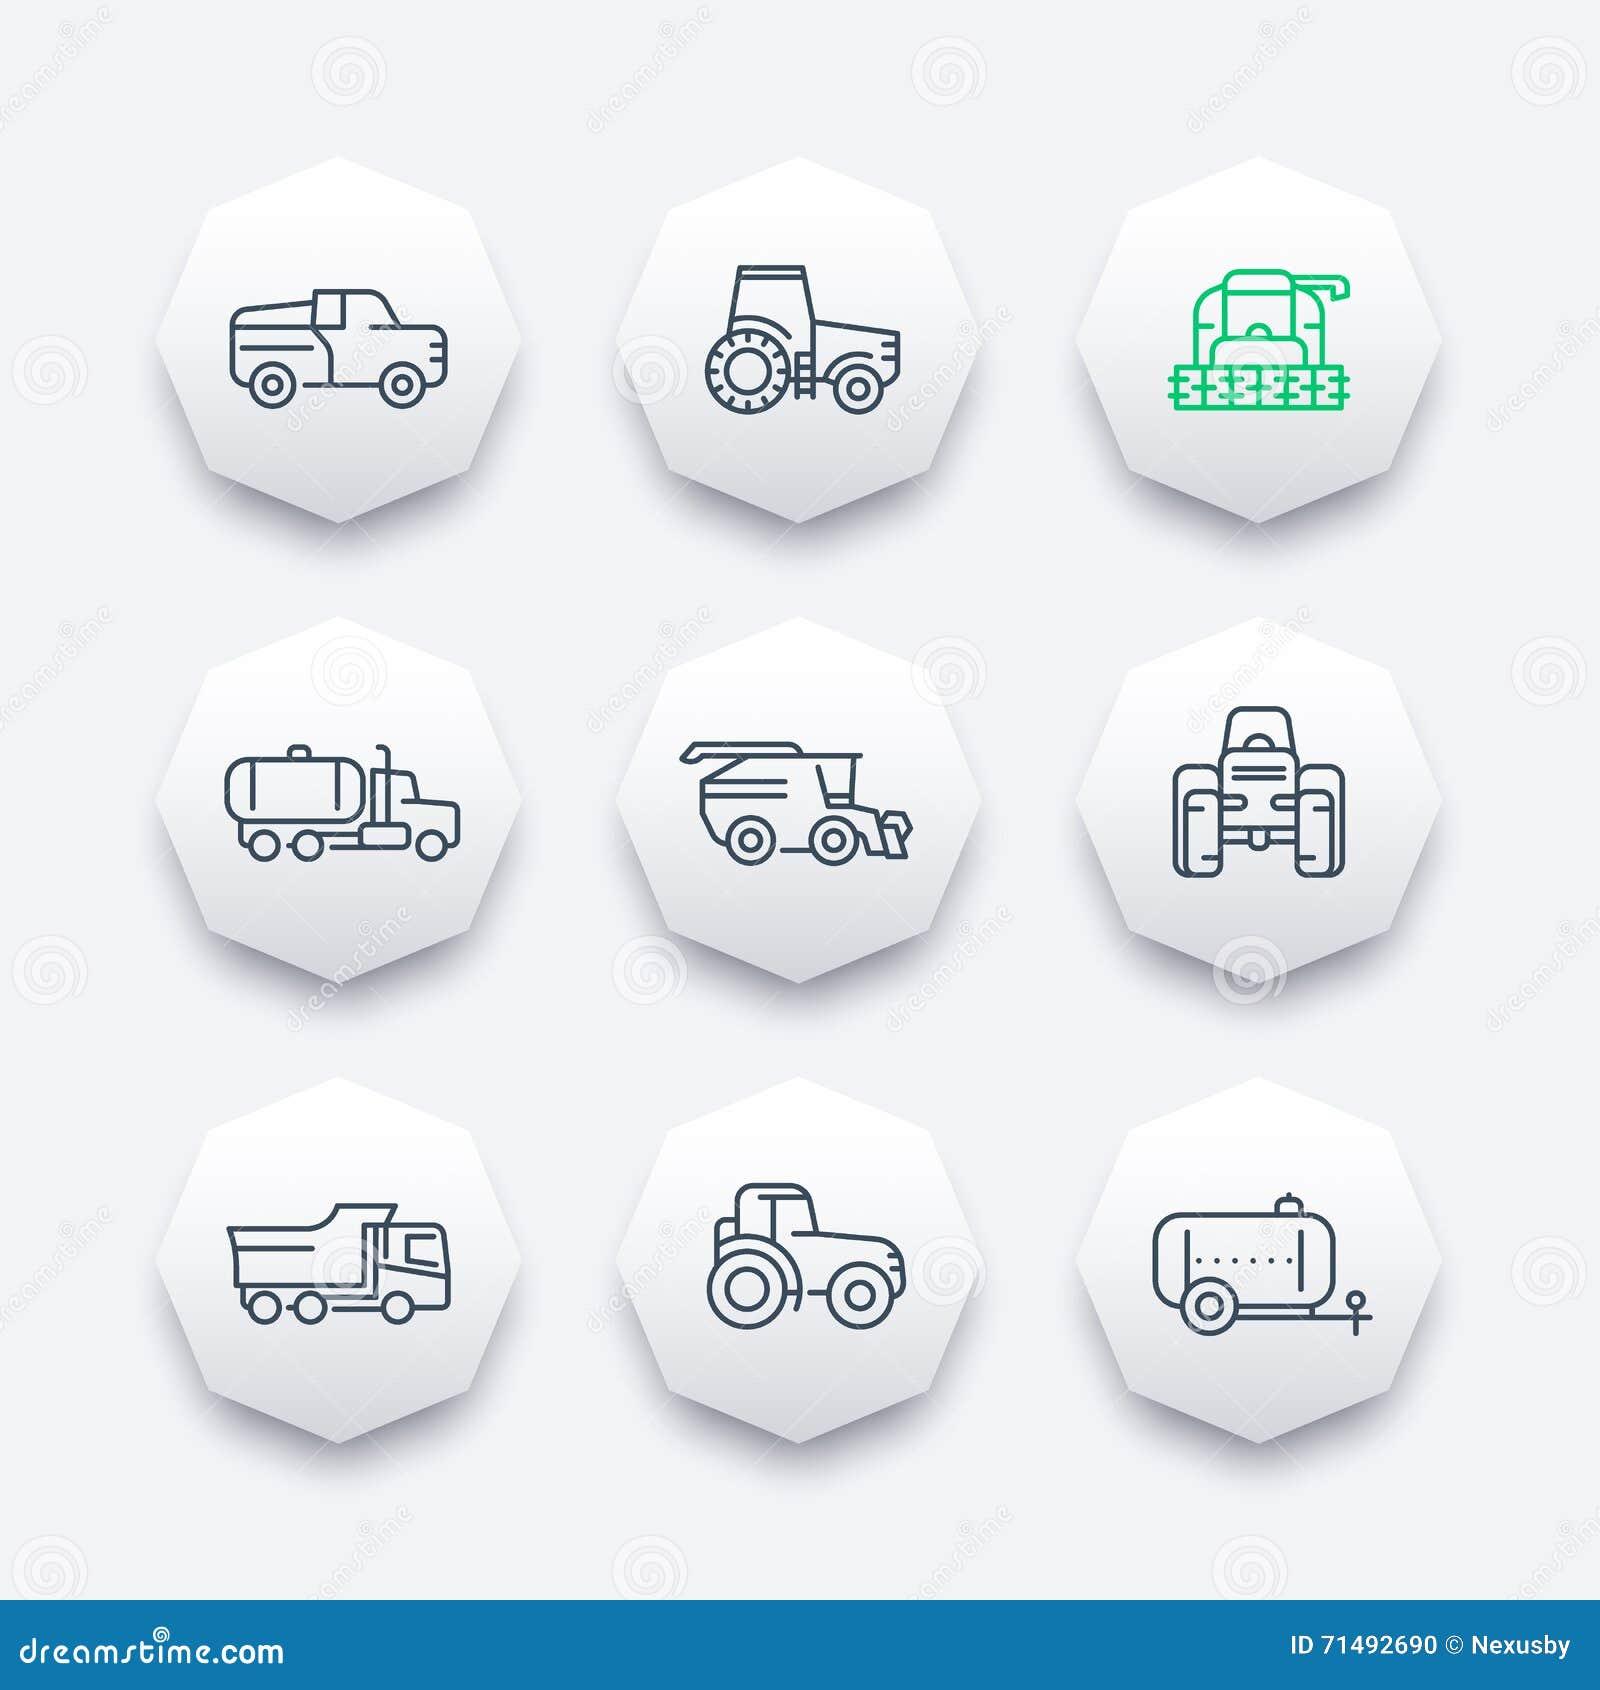 Τα εικονίδια γραμμών γεωργικών μηχανημάτων, συνδυάζουν τη θεριστική μηχανή, τρακτέρ, η συγκομιδή σιταριού συνδυάζει, φορτηγό, γεω